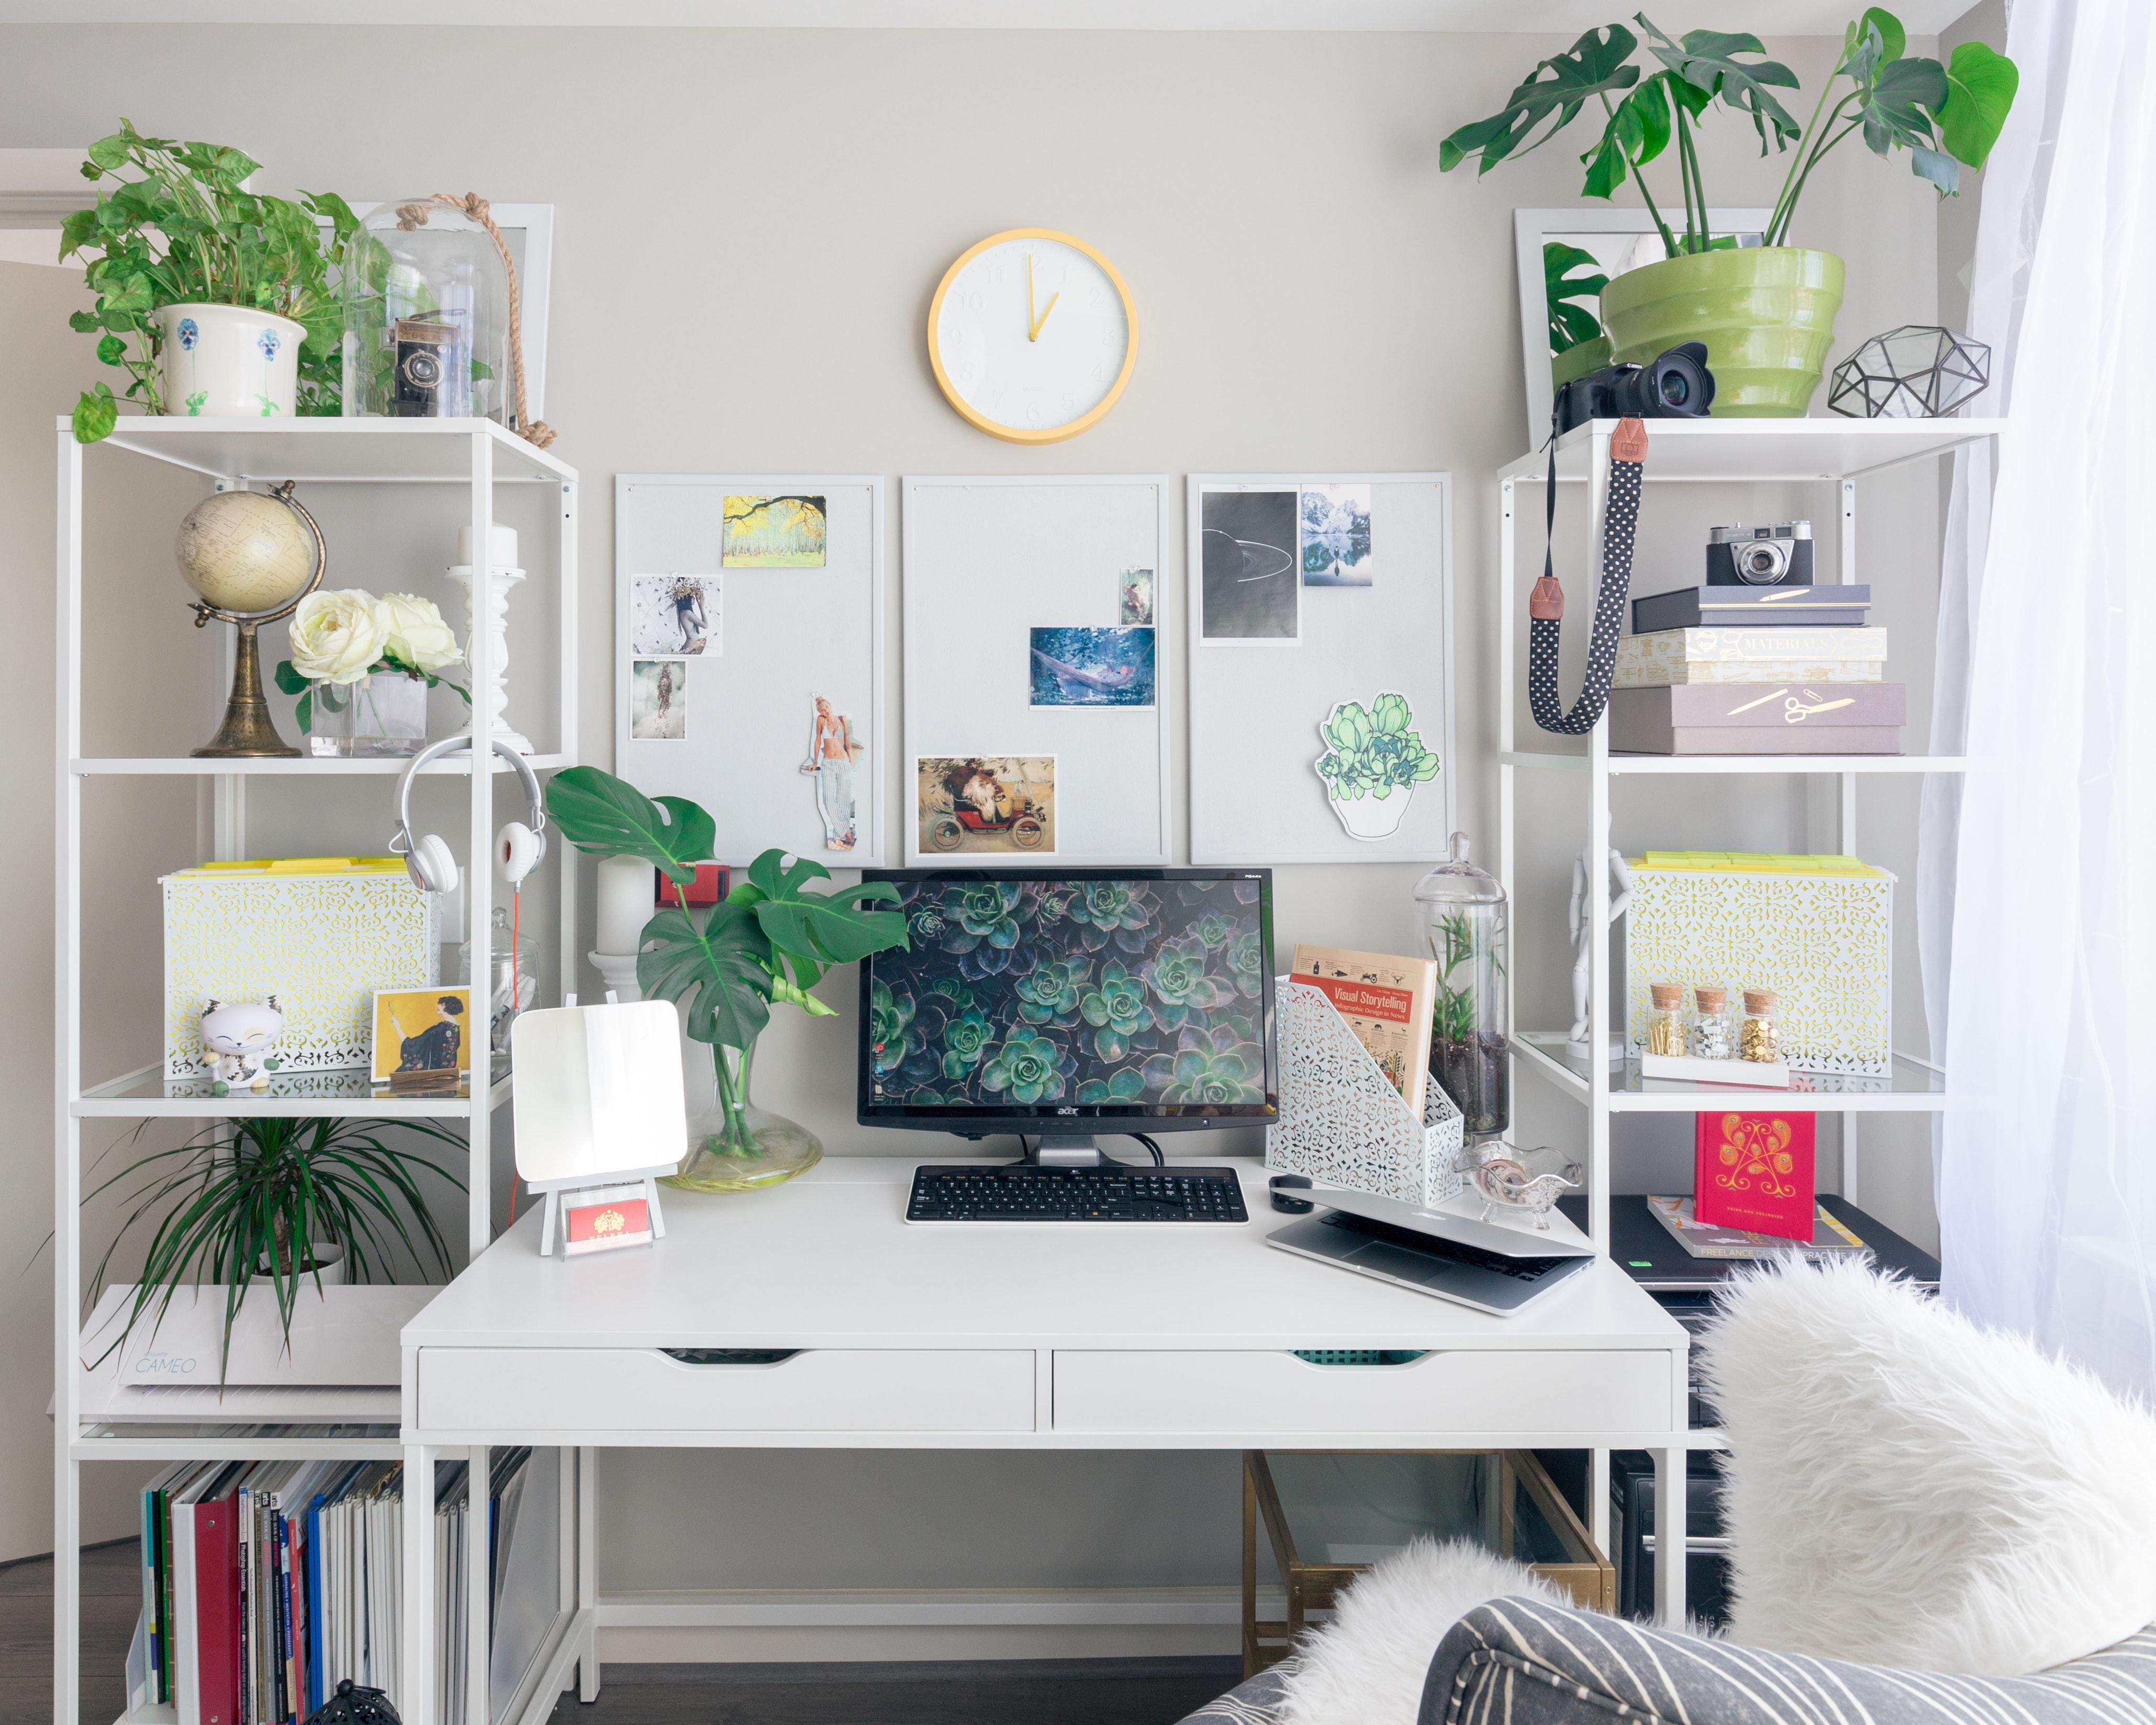 Bureau avec plantes vertes